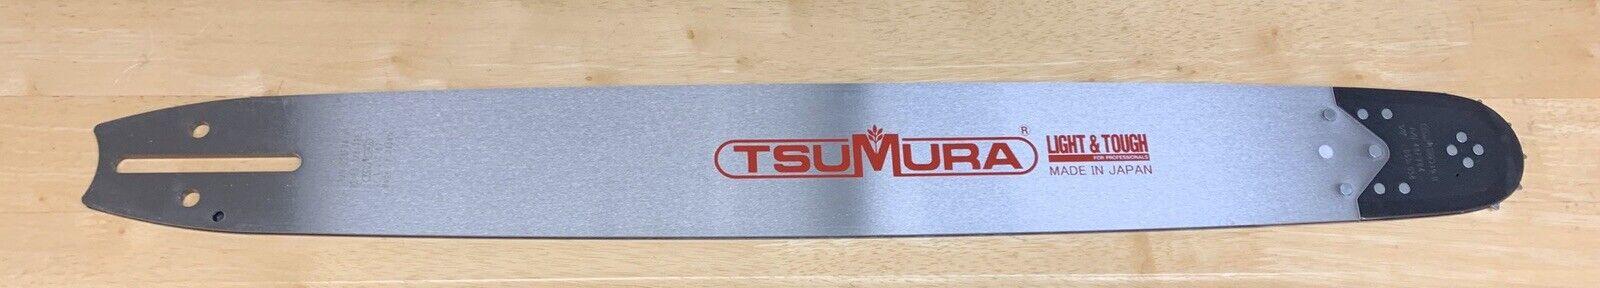 Barra de guía de 22  Tsumura 3 8-050-78DL Echo CS550EVL CS590 CS650 CS660 CS670 CS680